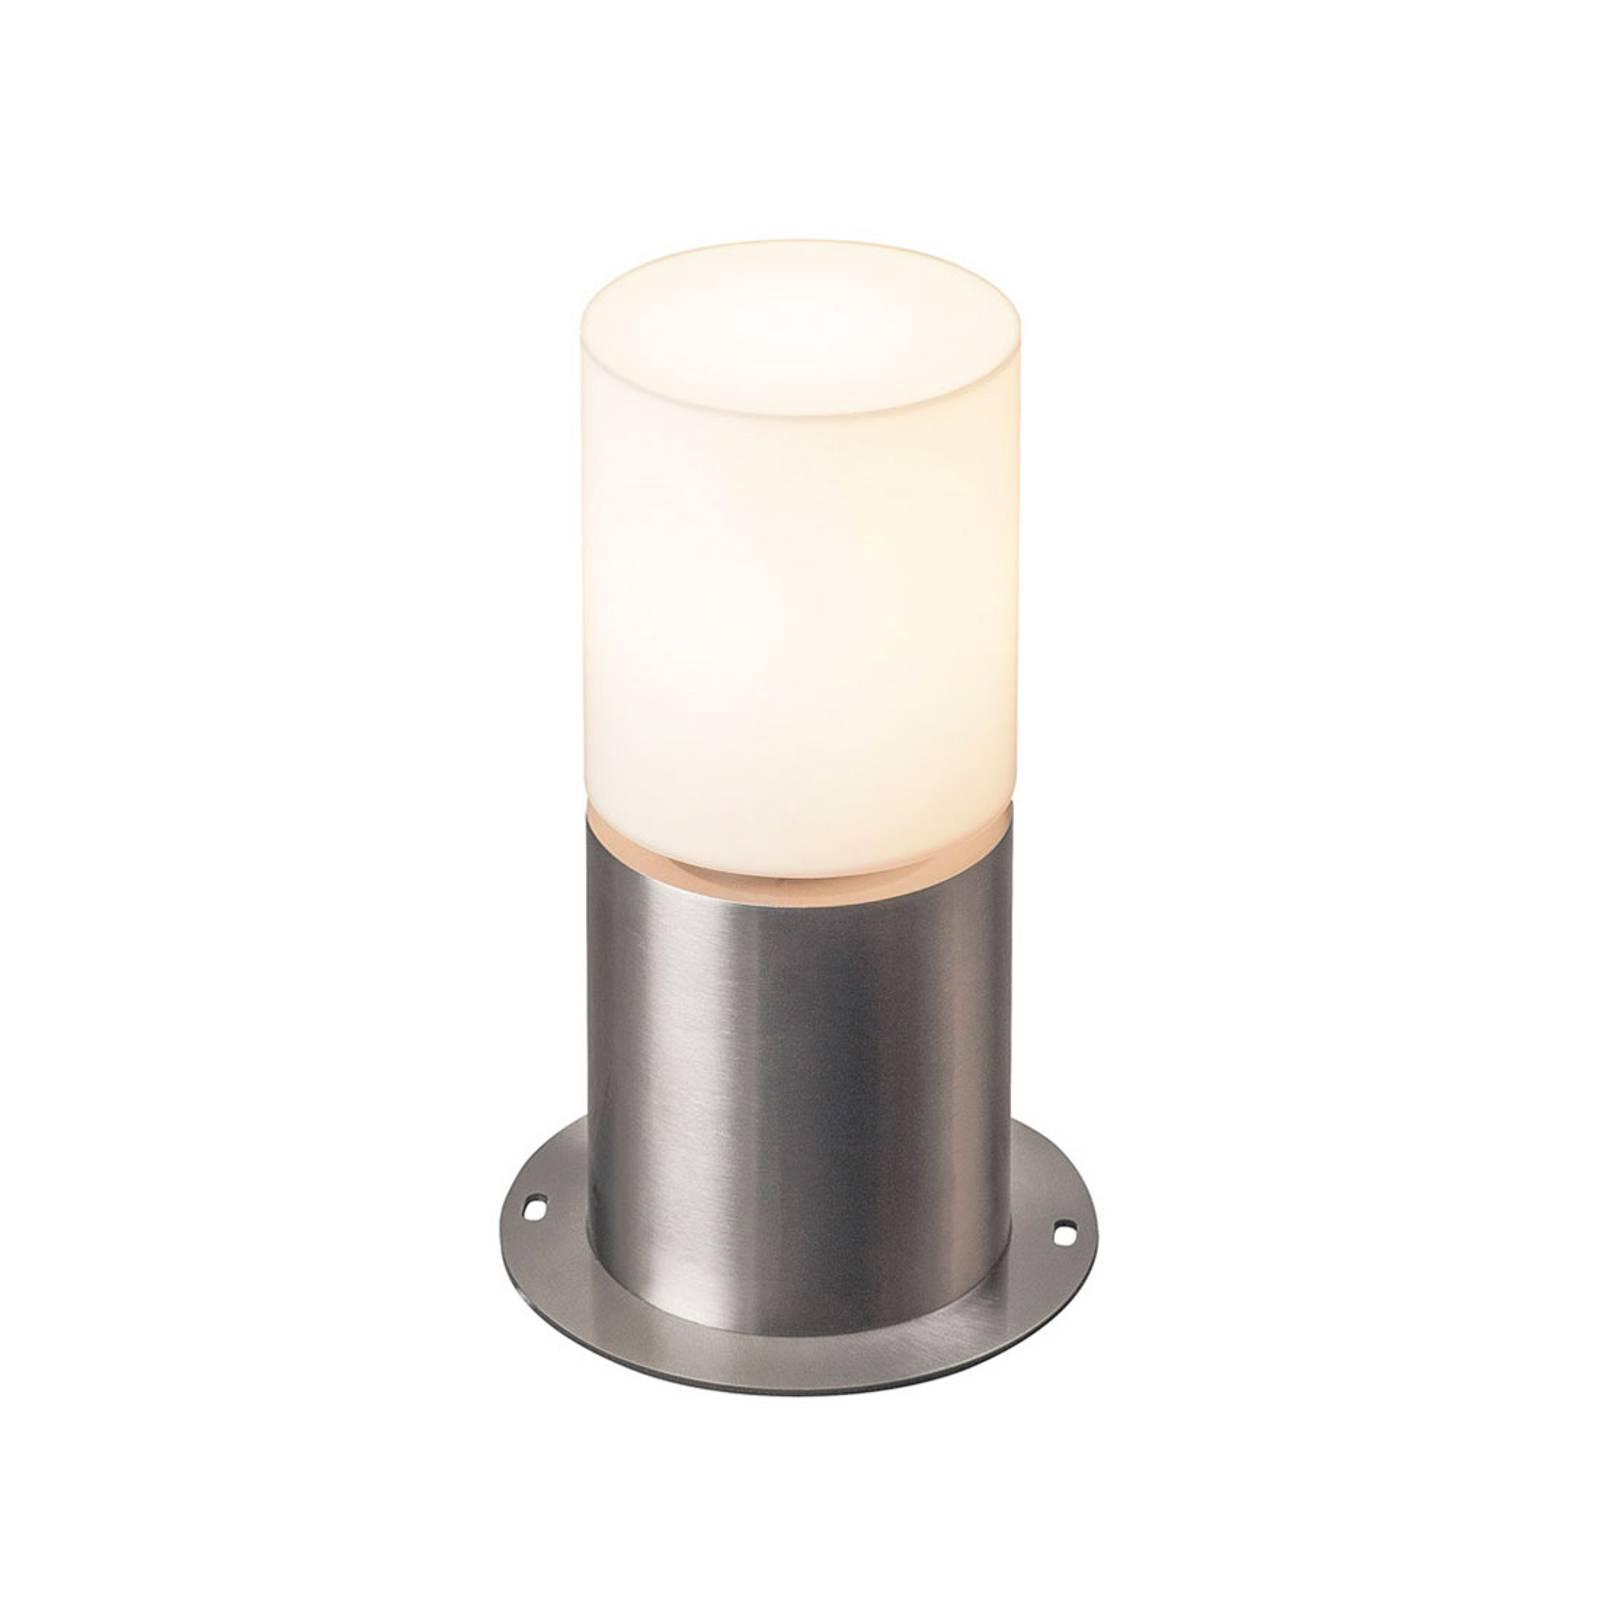 SLV Rox Acryl 30 -LED-pollarivalaisin, 30 cm